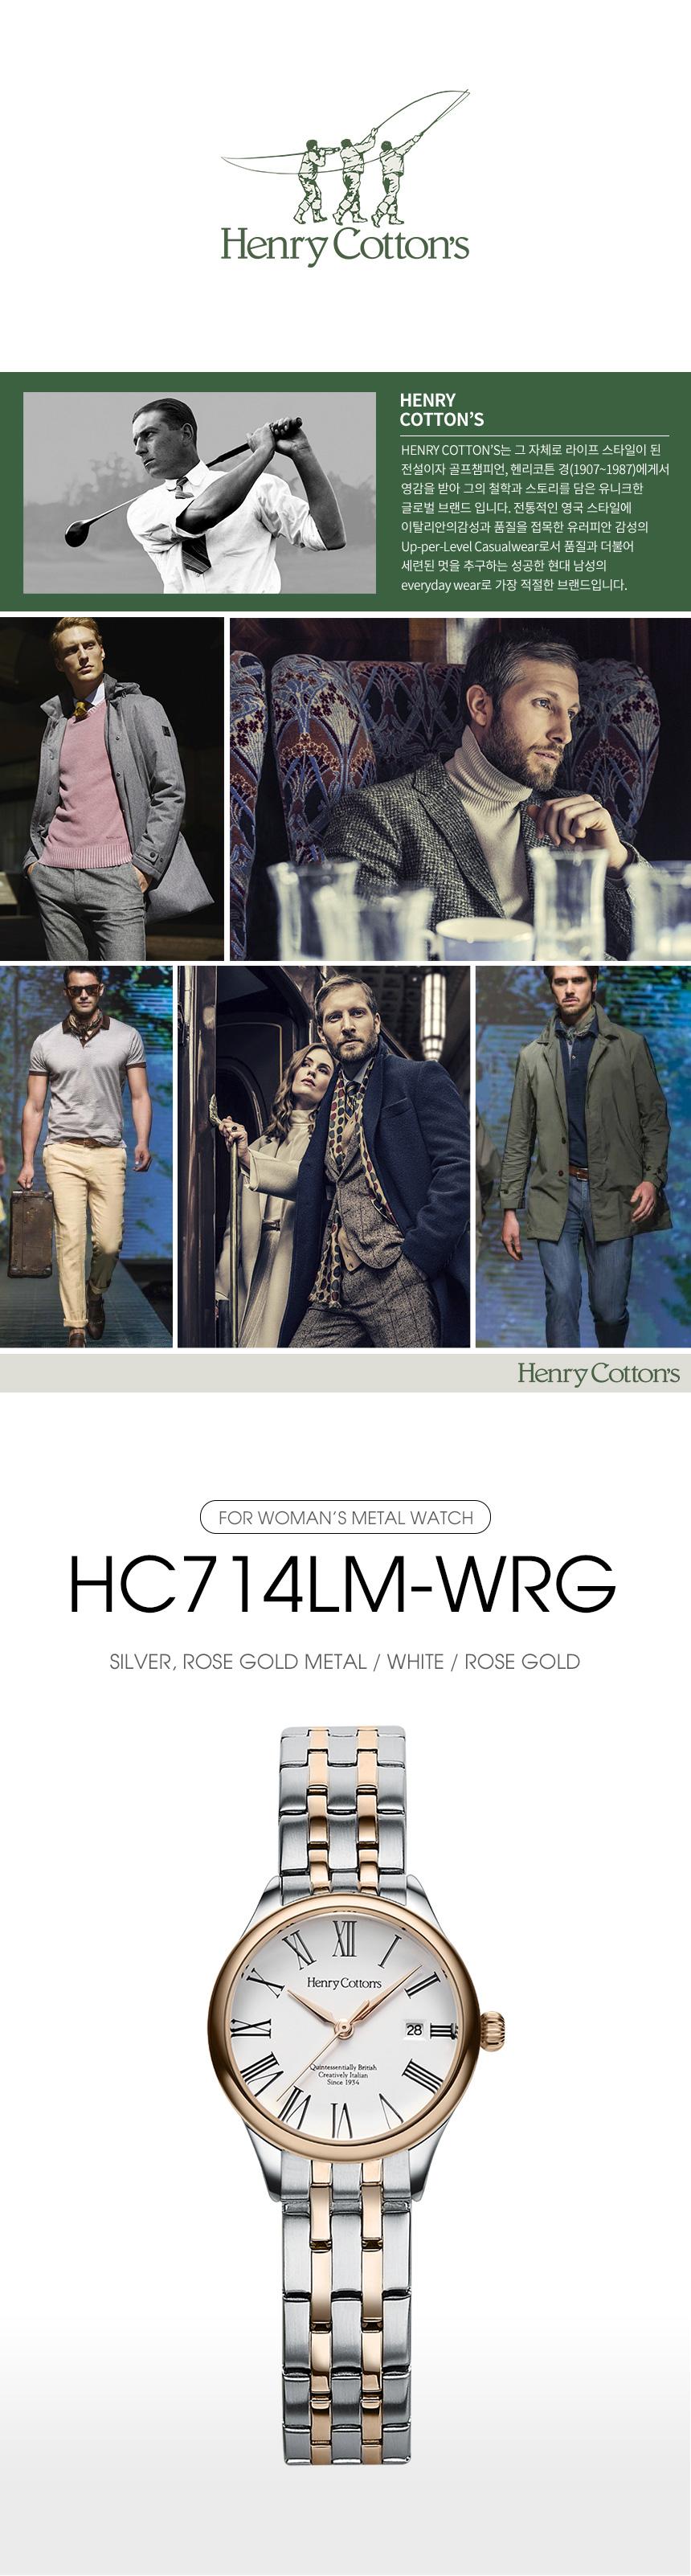 헨리코튼(HENRY COTTON'S) 여성 클래식 메탈시계 HC714LM-WRG